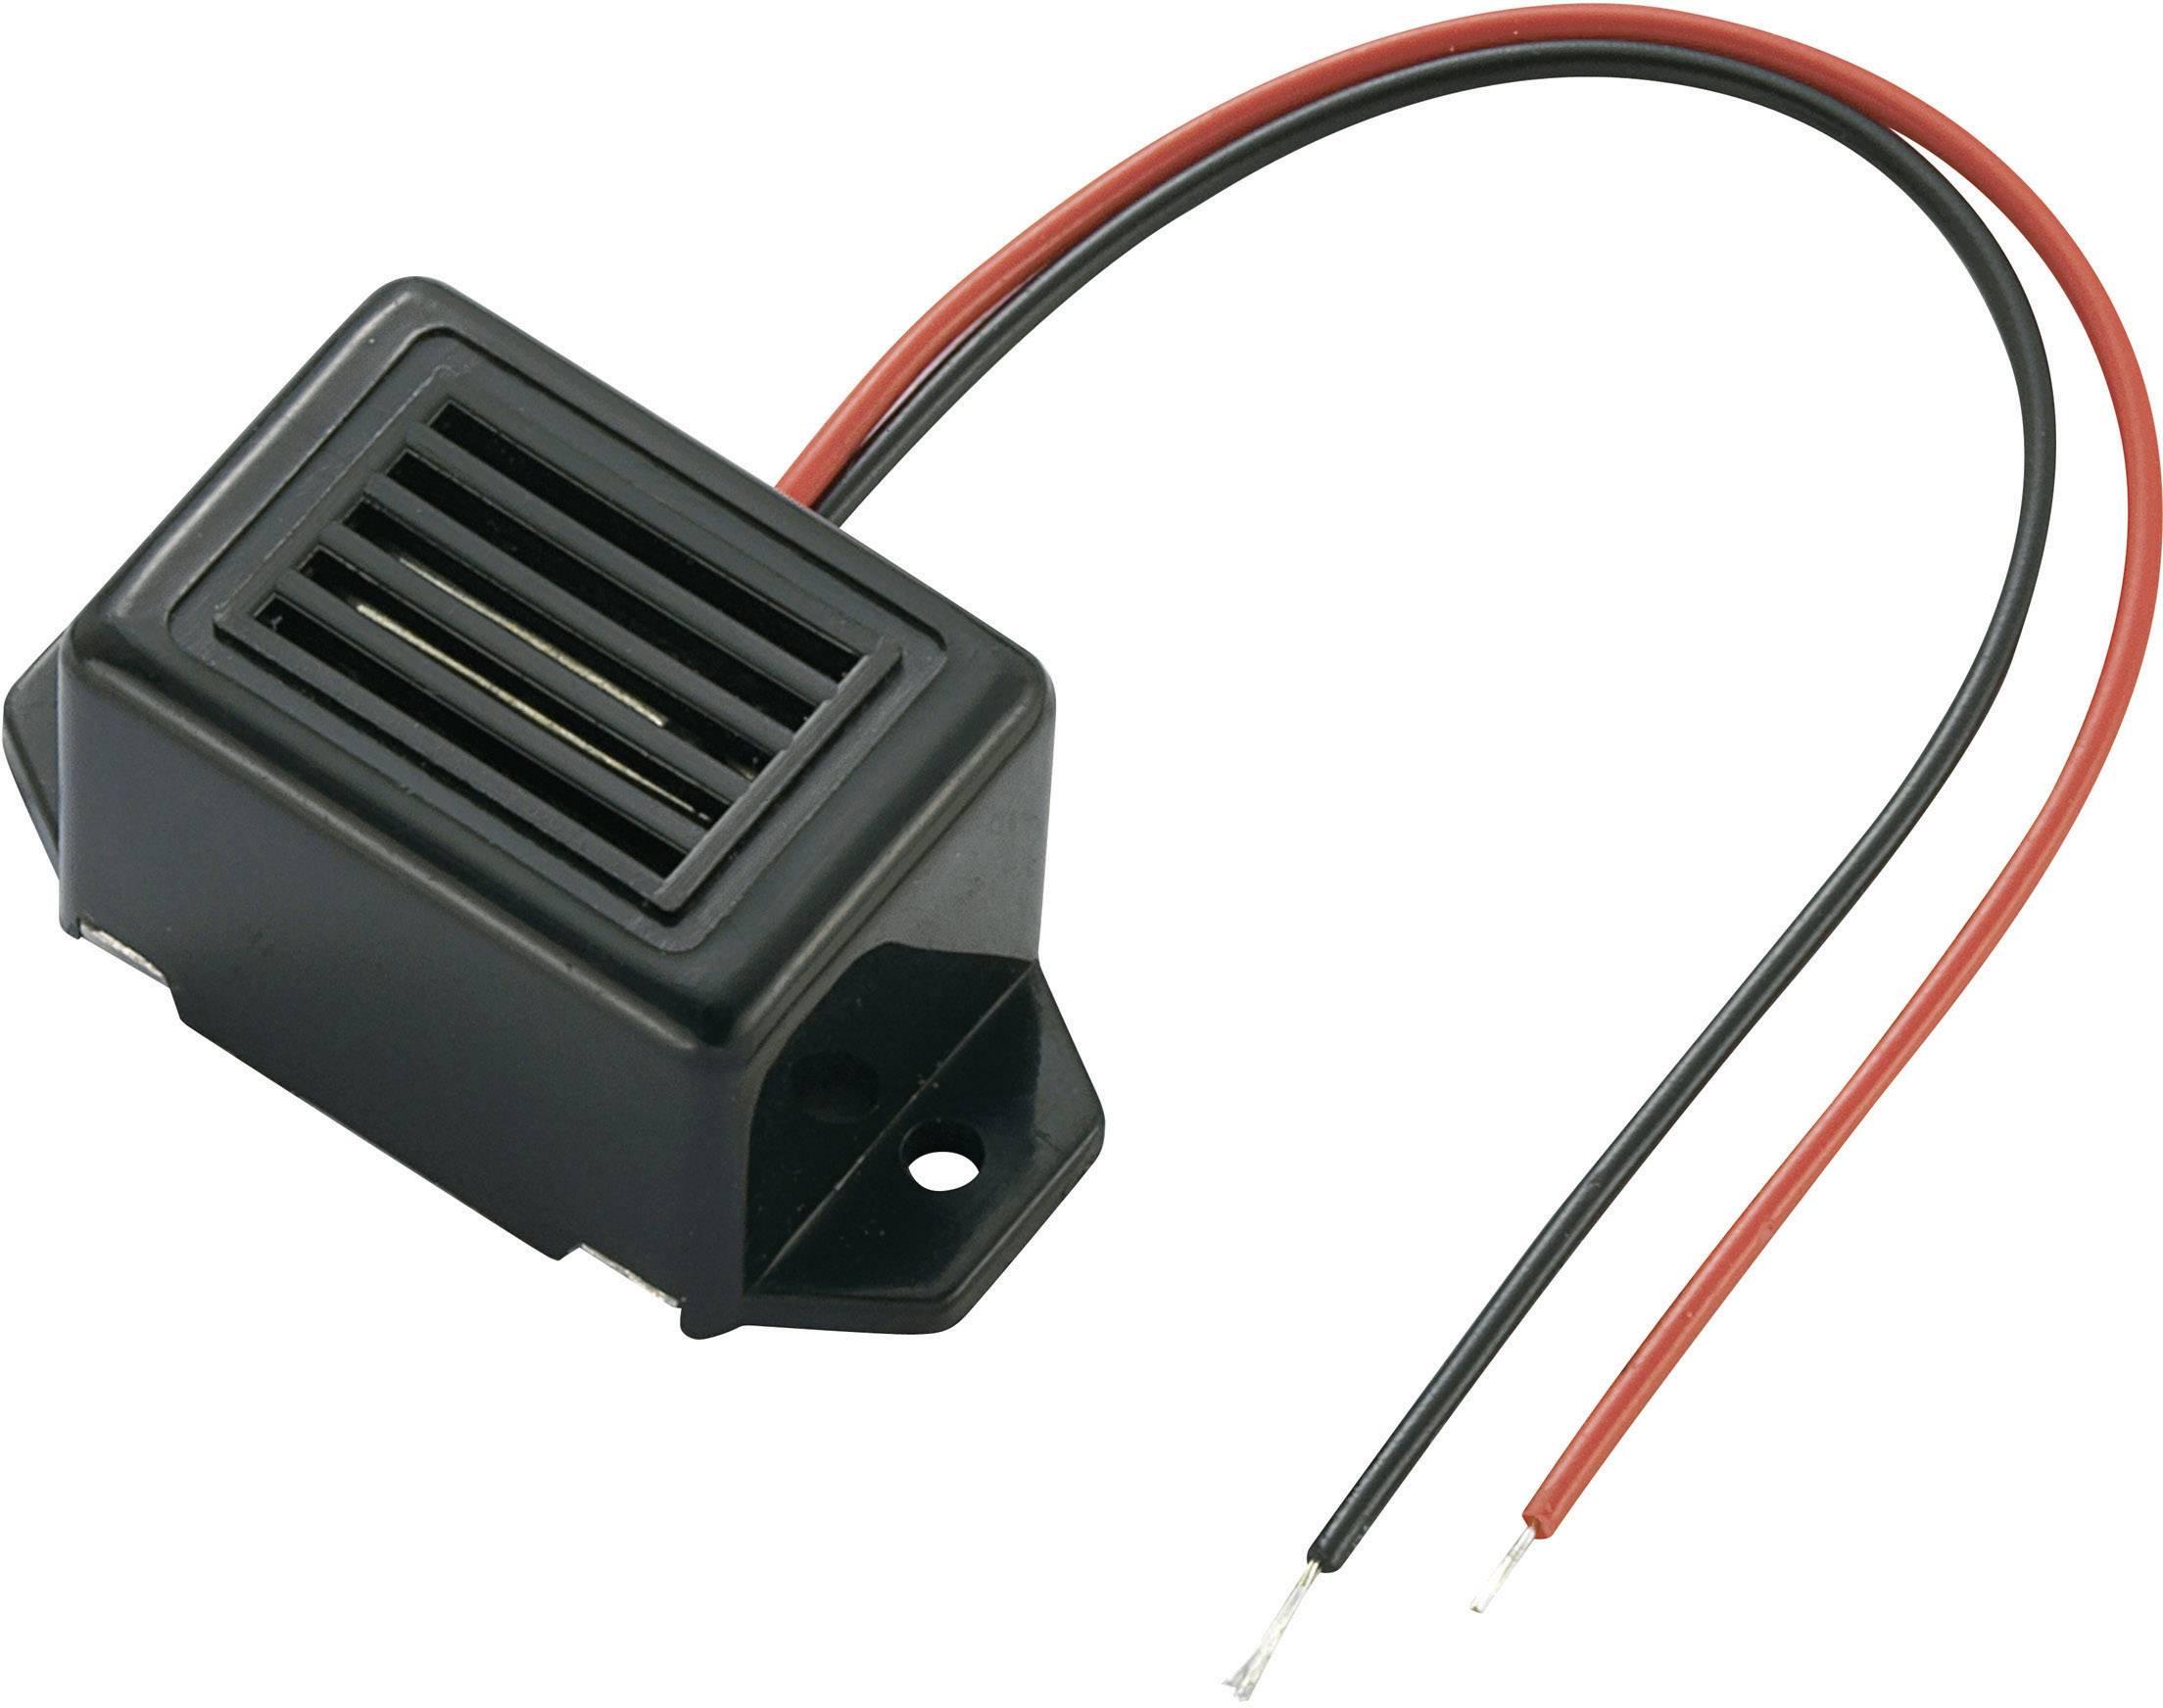 Vestavný bzučák 70 dB KEPO KPMB-G2315L1-K6439, černá